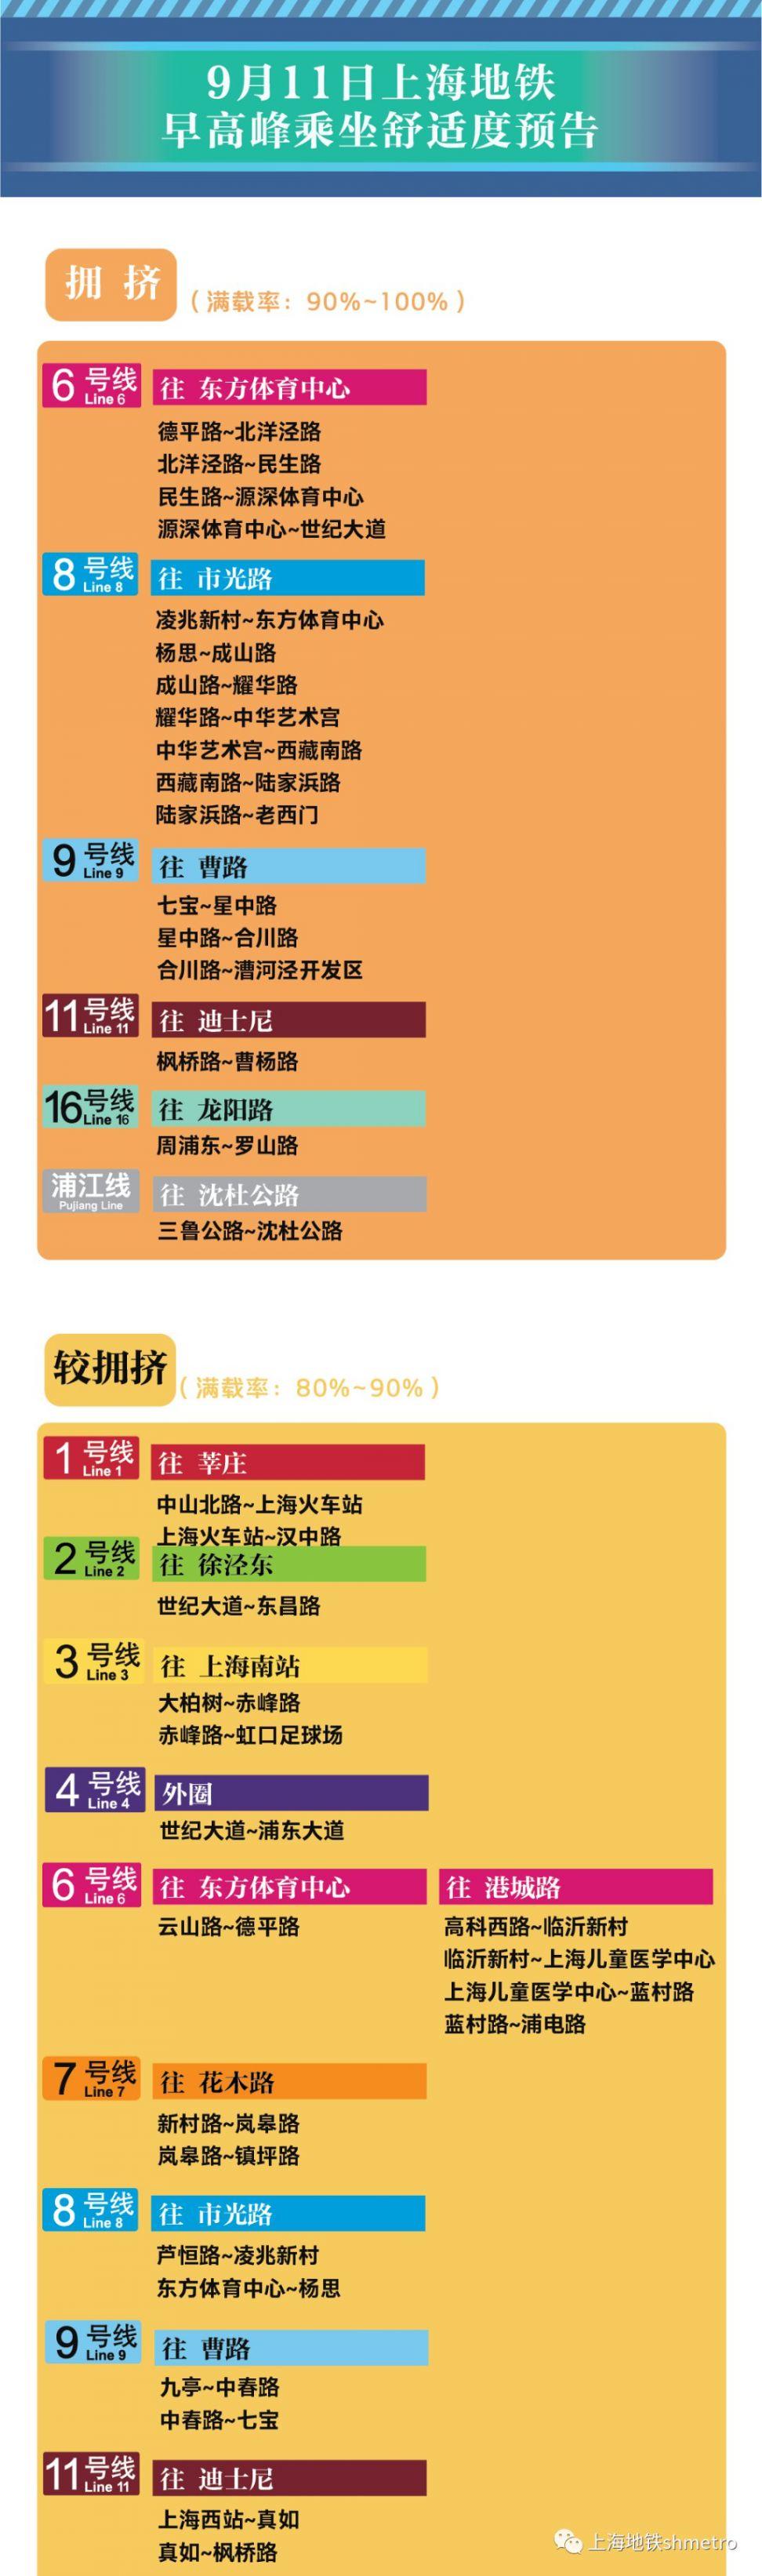 9月11日新葡新京11座地铁站早高峰限流(附舒适度预告)